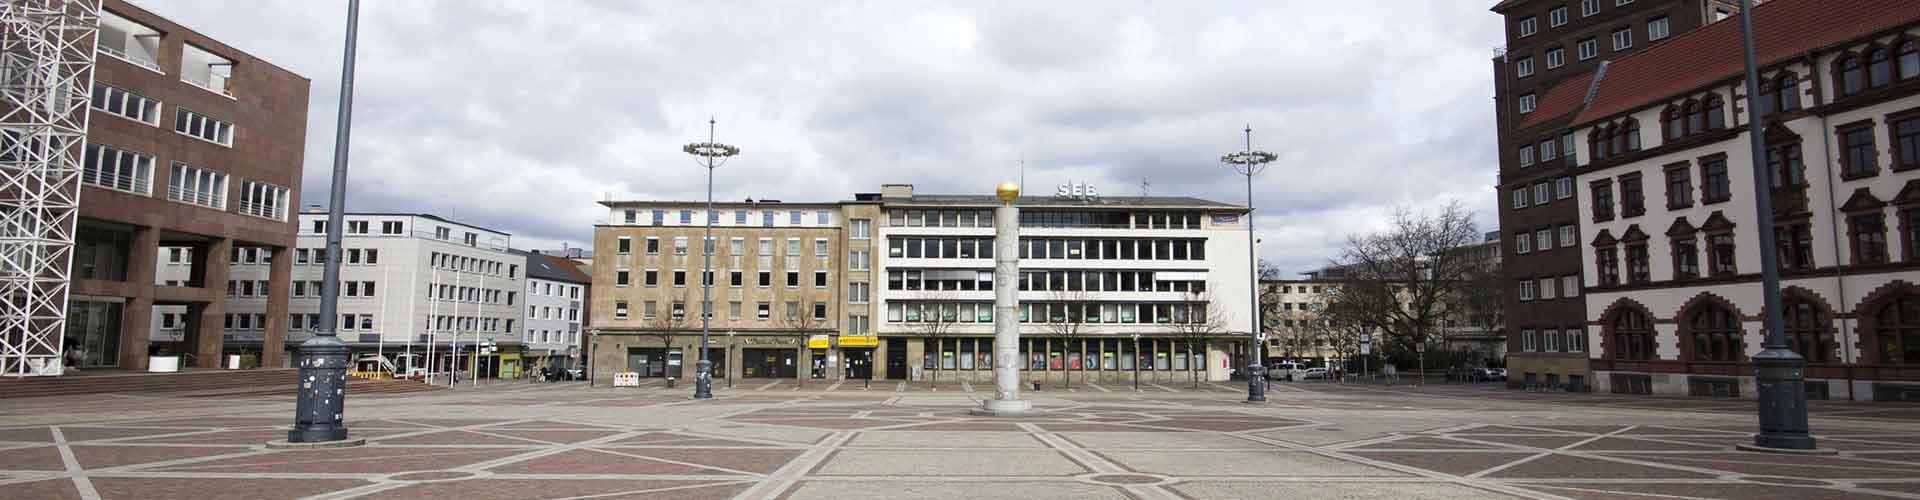 Dortmund - Hoteles baratos en Dortmund. Mapas de Dortmund, Fotos y comentarios de cada Hotel en Dortmund.